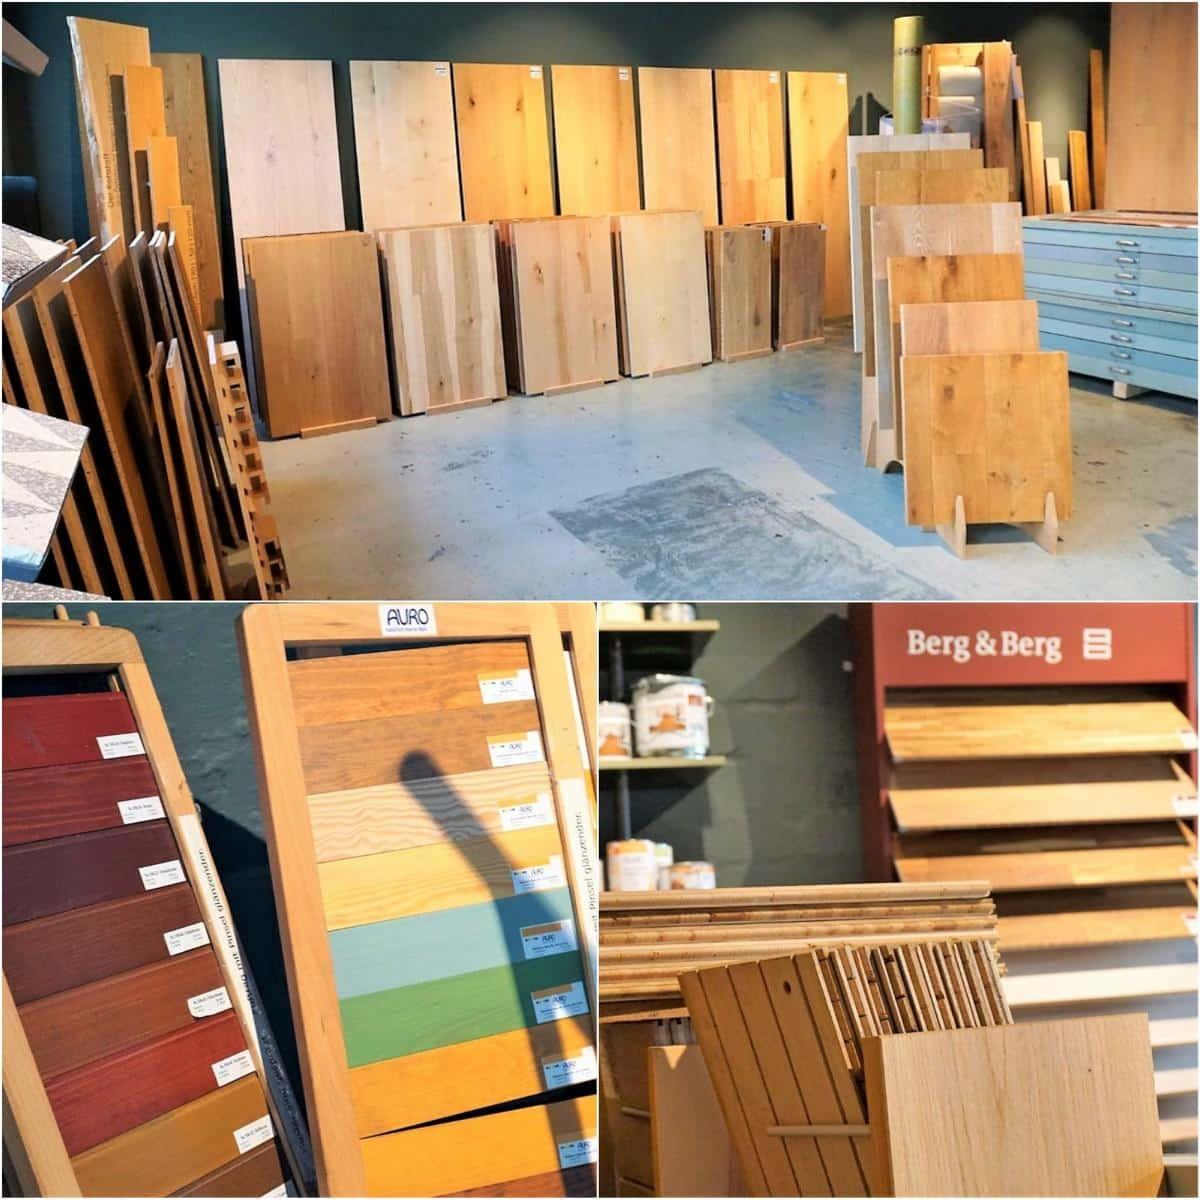 Style Hannover Umbau Oekobaumarkt Collage 2 - Umbau - Der Ökobaumarkt